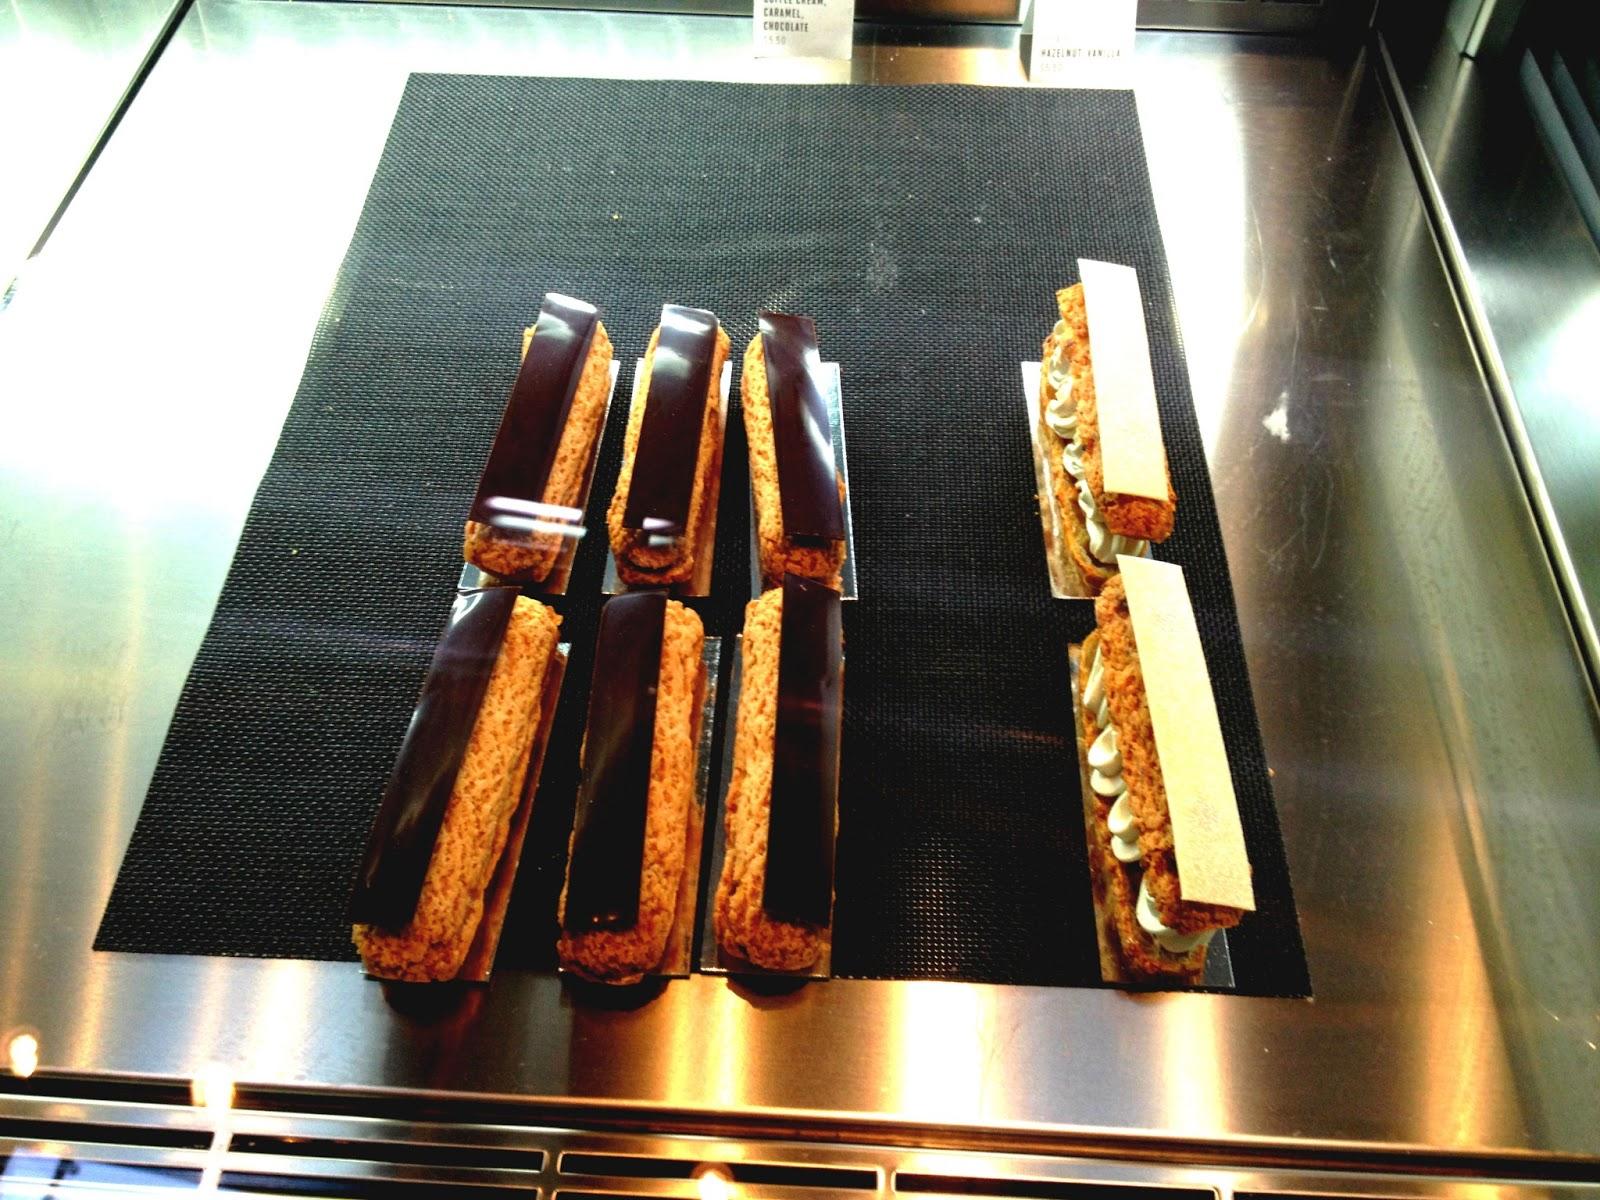 Eclaires - Caramel + Chocolate (L) and Hazlenut + Vanilla (R)